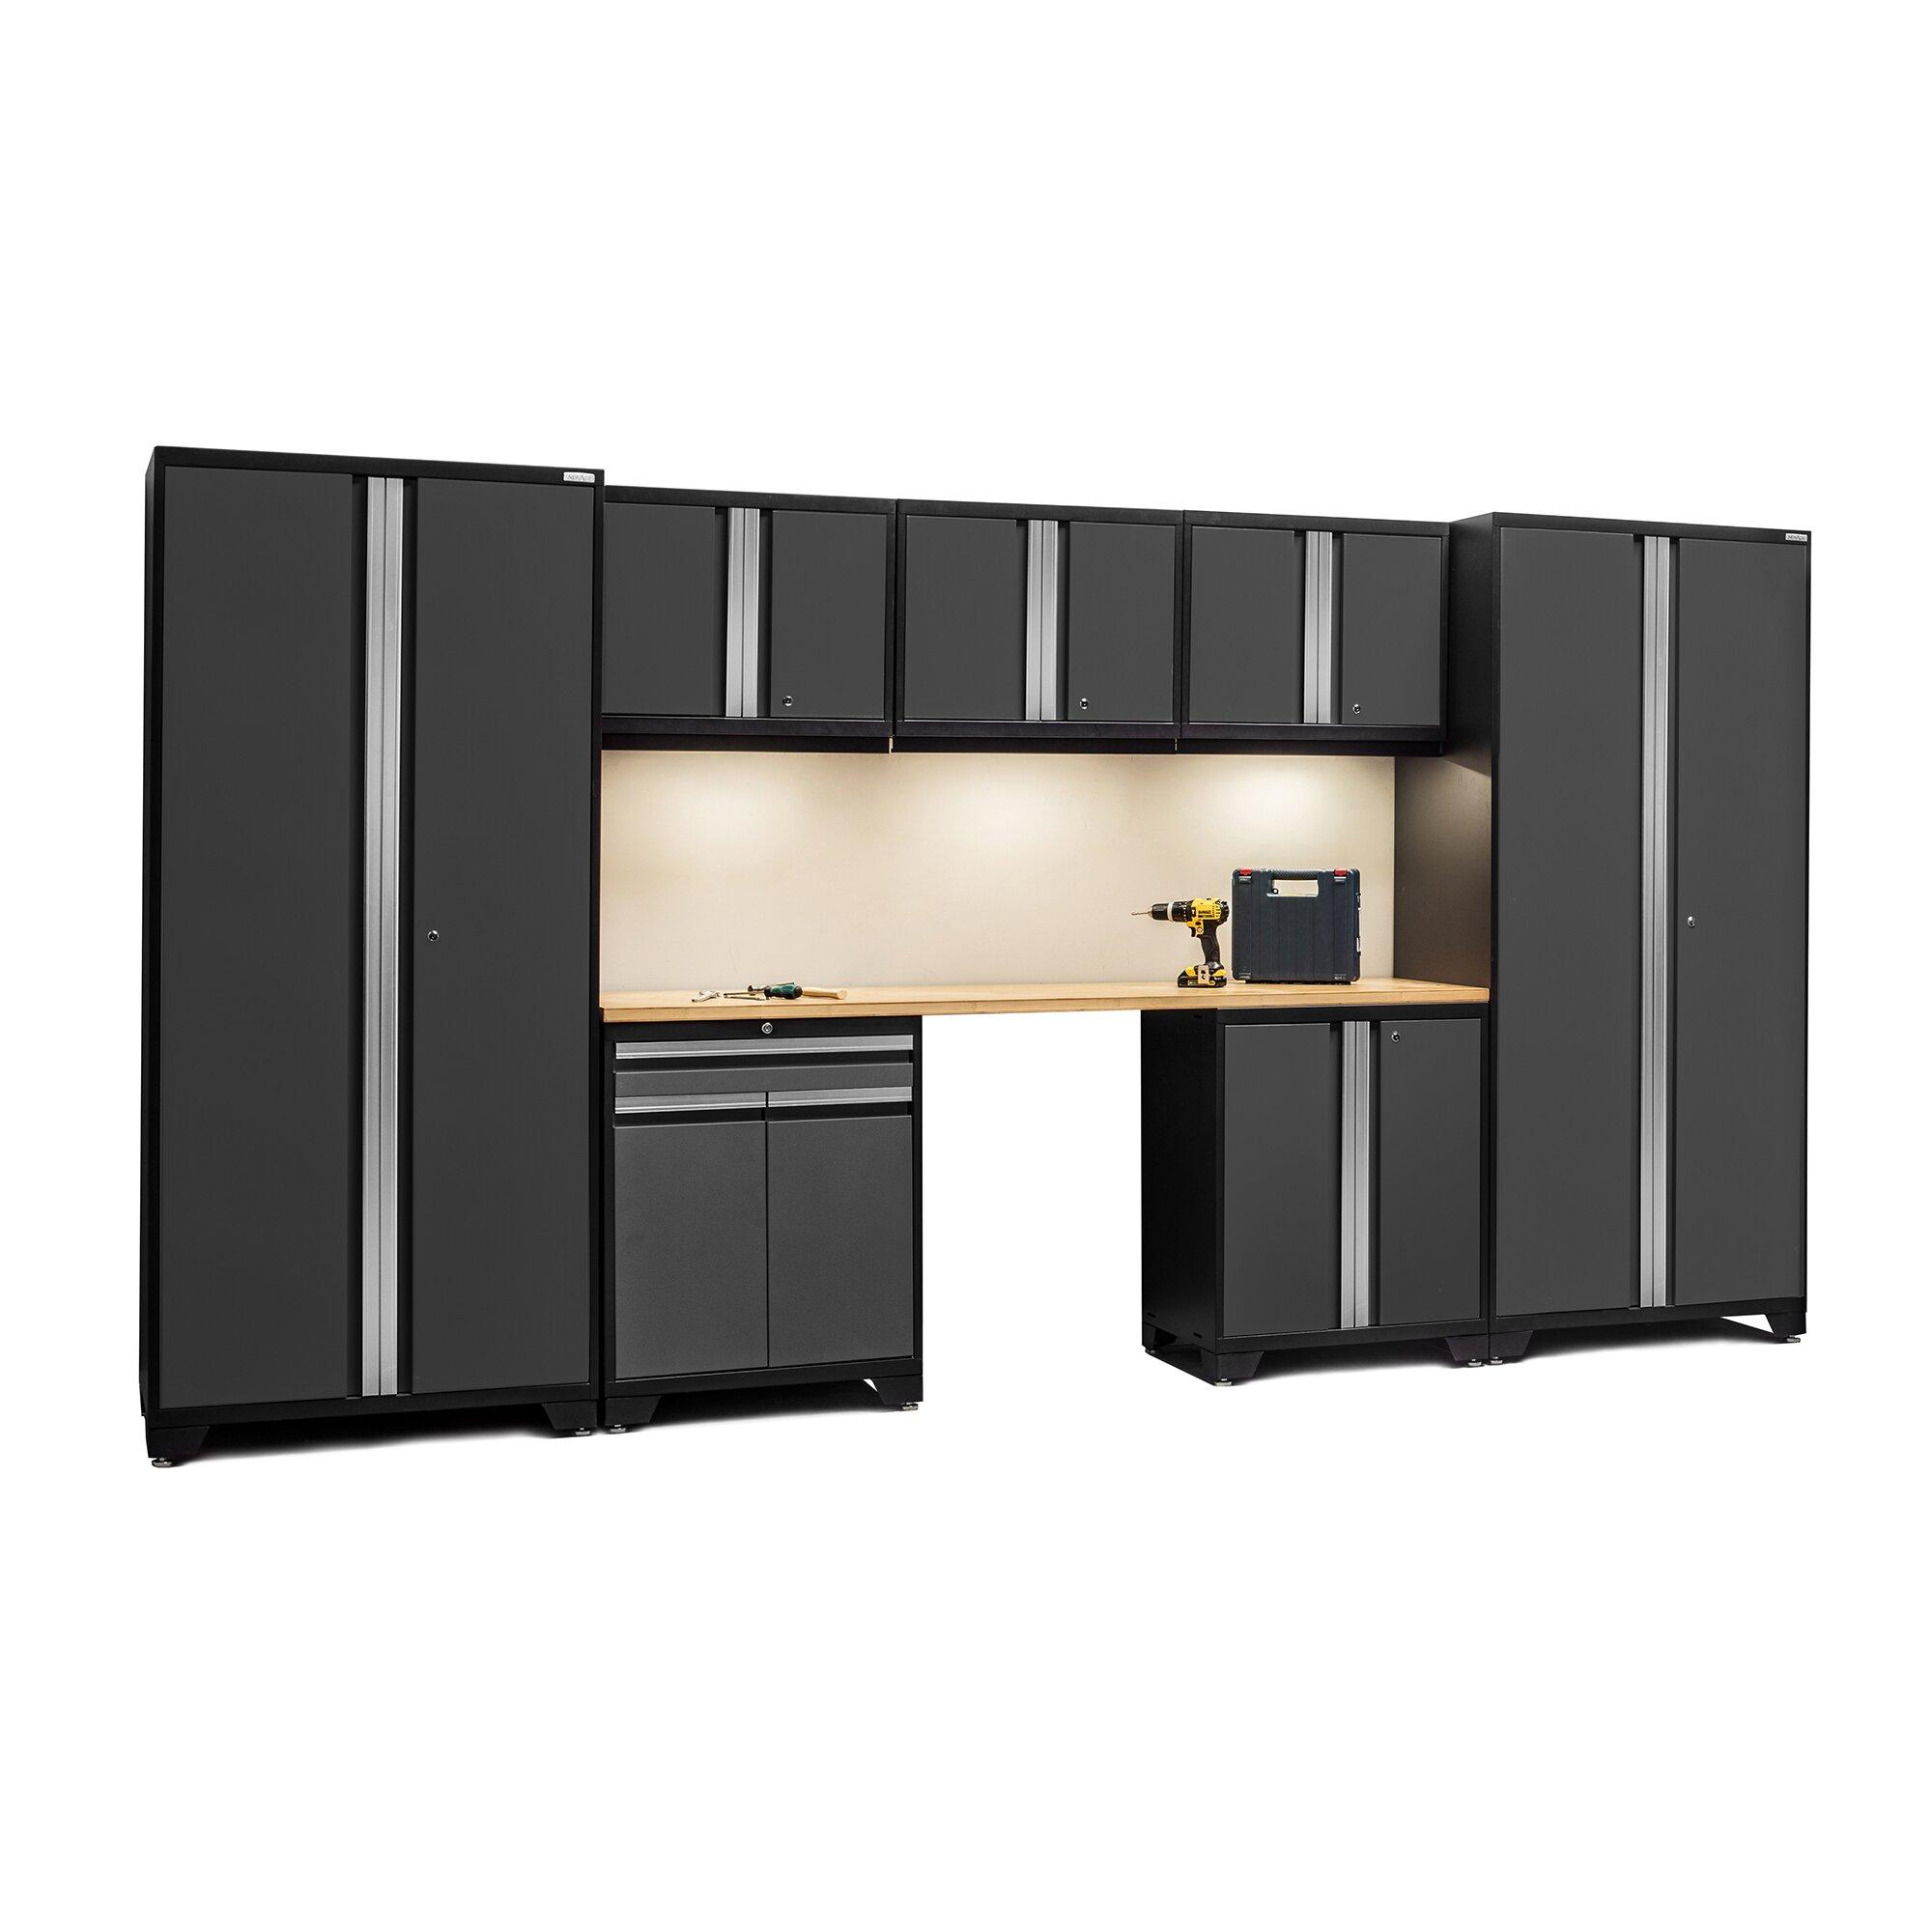 Pro 3 0 Series 8 Piece Garage Storage Cabinet Set With